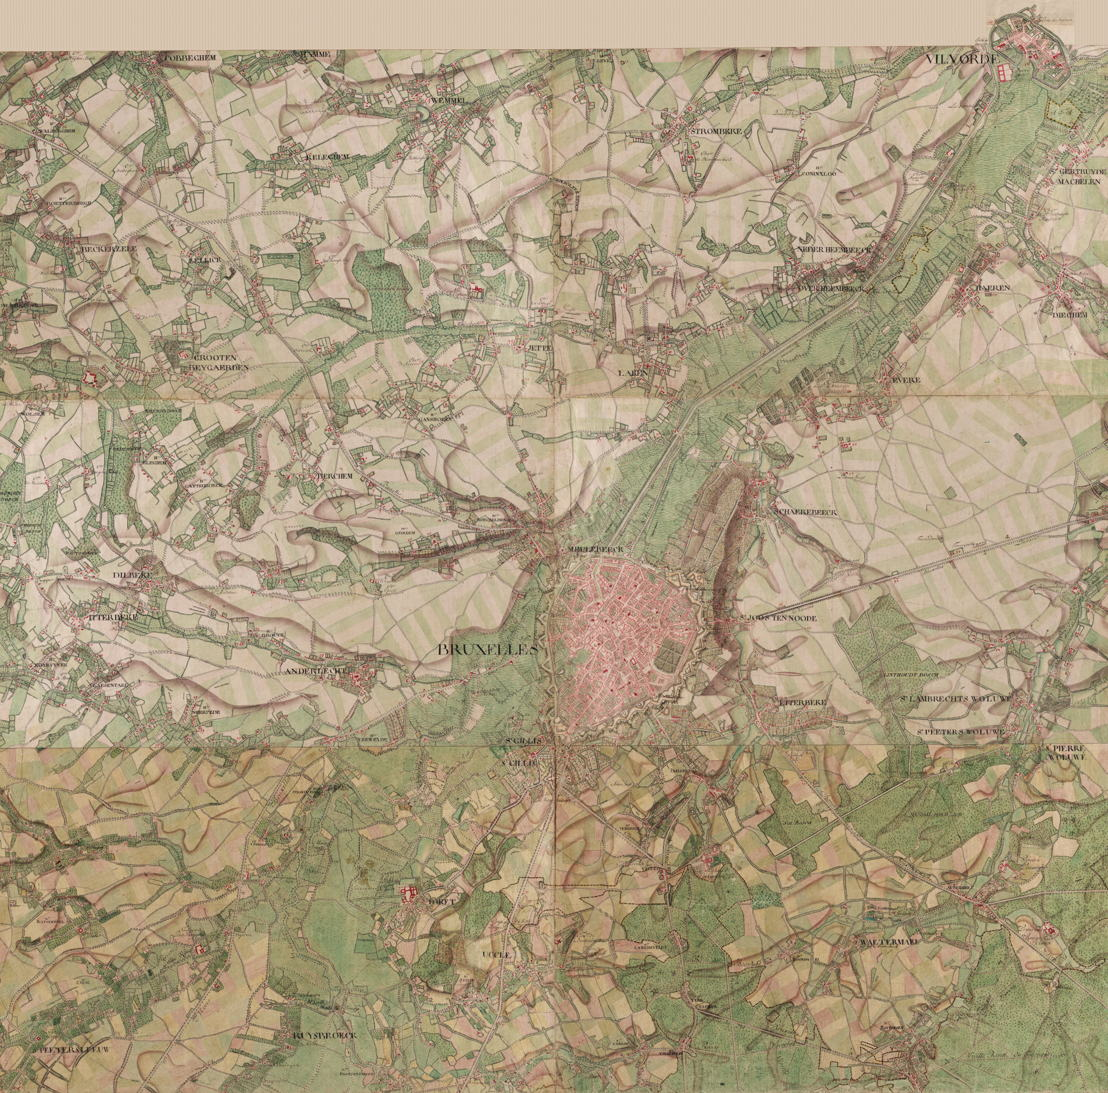 Carte de Cabinet de Ferraris<br/>L'impératrice Marie-Thérèse décida en 1759 de faire dresser une carte des Pays-Bas autrichiens. C'est le comte Joseph de Ferraris (1726-1814) qui se vit désigner à la tête du projet. Tout fut mis en œuvre pour la réalisation d'une carte la plus exacte possible, reprenant avec le plus grand soin les moindres détails géographiques des régions concernées. Composée en 1778, cette carte - sans doute l'un des plus importants documents scientifiques de l'histoire cartographique des Pays-Bas - est la première à représenter la totalité du territoire belge. Composée de 275 feuillets, elle couvre une surface totale de plus de 300 m².<br/>Consultez la carte complète en ligne http://www.kbr.be/collections/cart_plan/ferraris/ferraris_fr.html